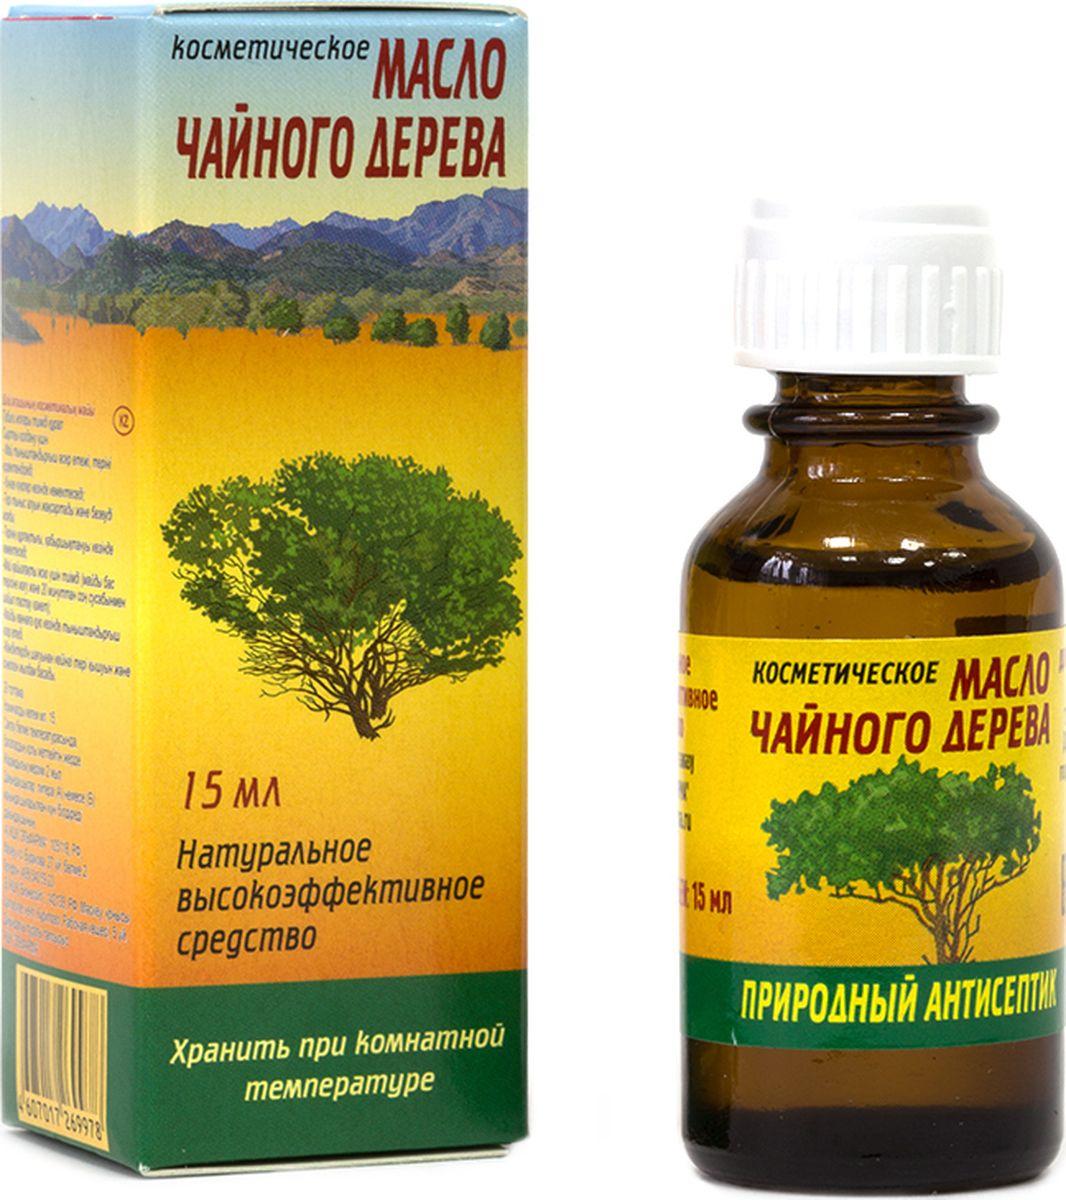 Elfarma Косметическое масло Чайного дерева, 15 мл4626018134047Природный антисептик, Широчайший спектр применения. Для очищения лица, удаления перхоти. От укусов насекомых.